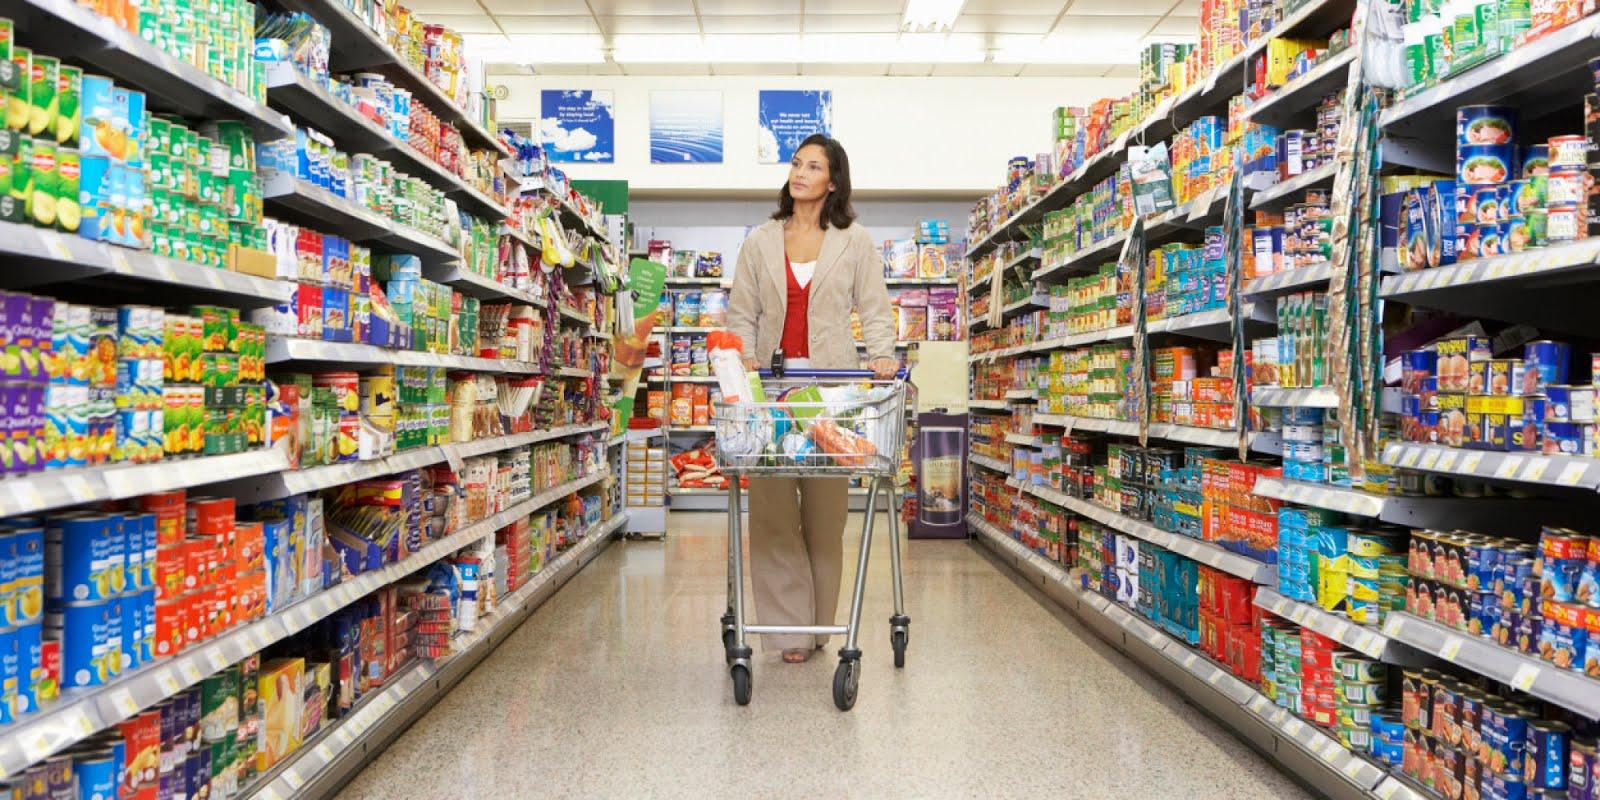 ΔΕΙΤΕ ποιο μεγάλο σούπερ μάρκετ πλήρωσε μετρητοίς τους εργαζόμενους!